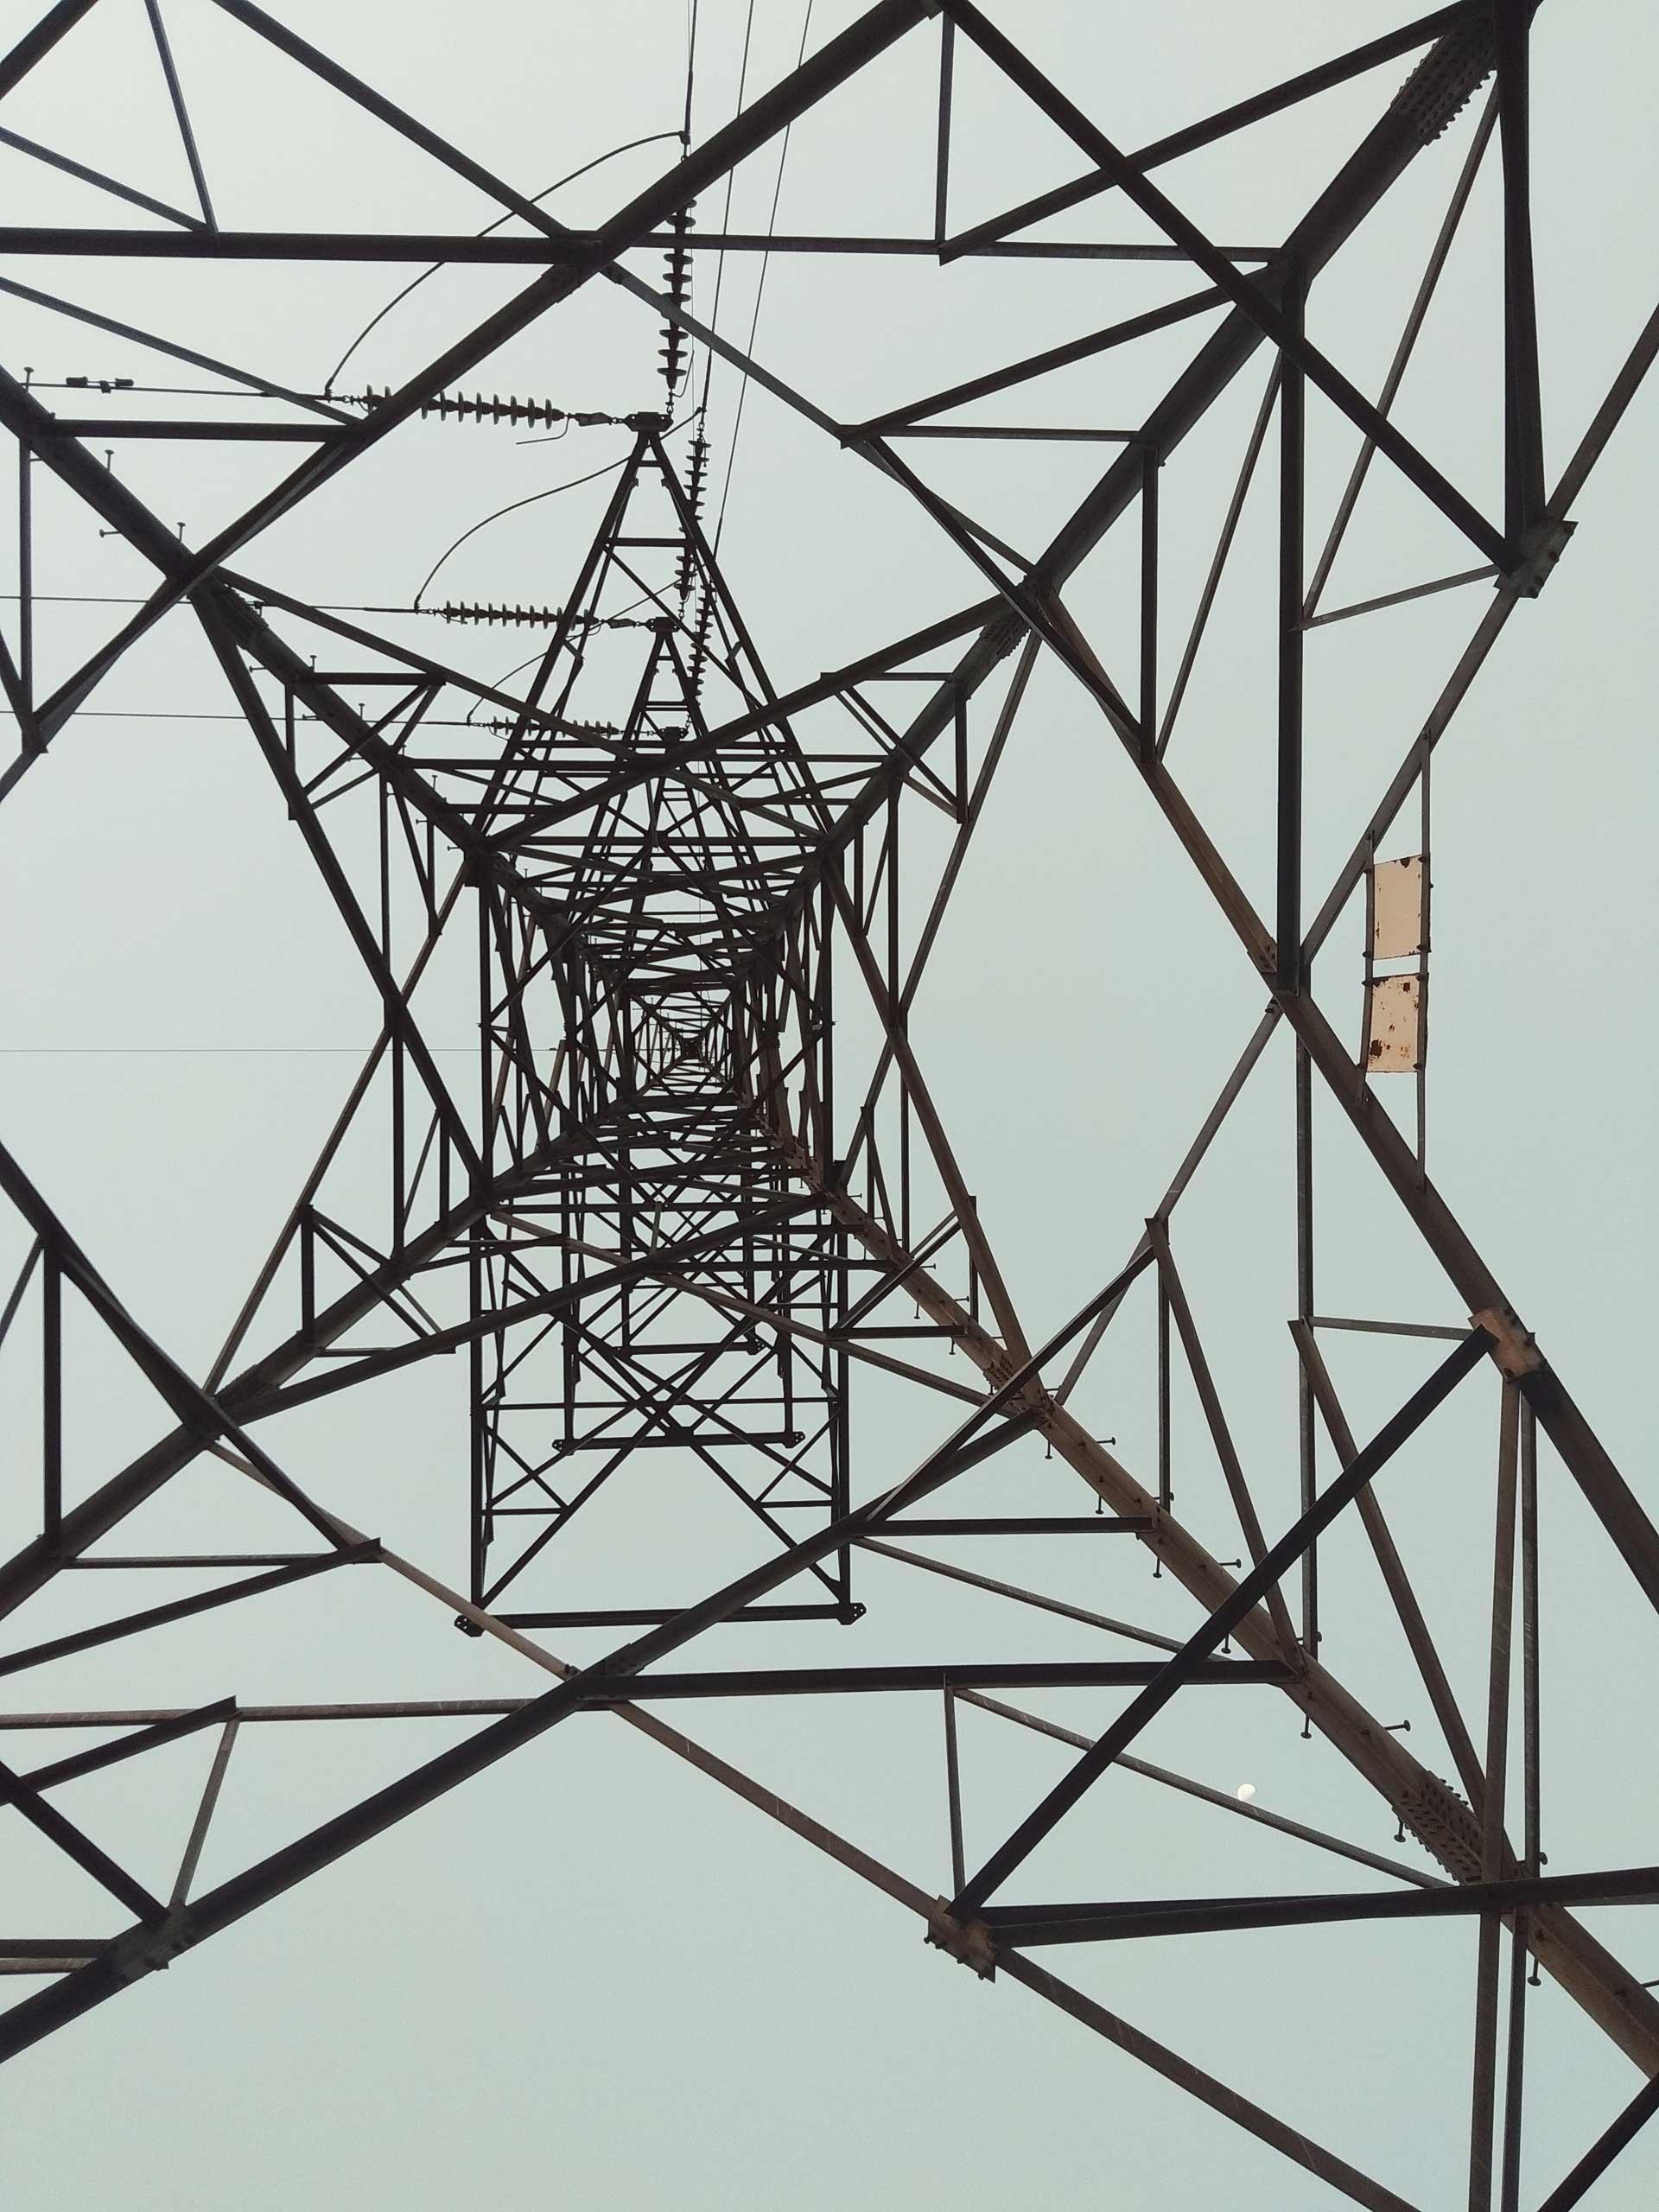 Redes Energéticas Nacionais (REN)